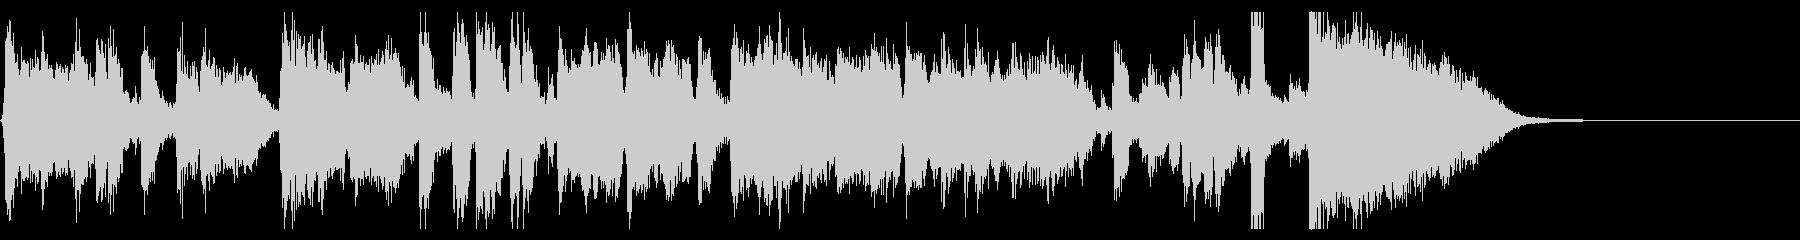 ジングル20秒・生演奏ジャズビッグバンドの未再生の波形